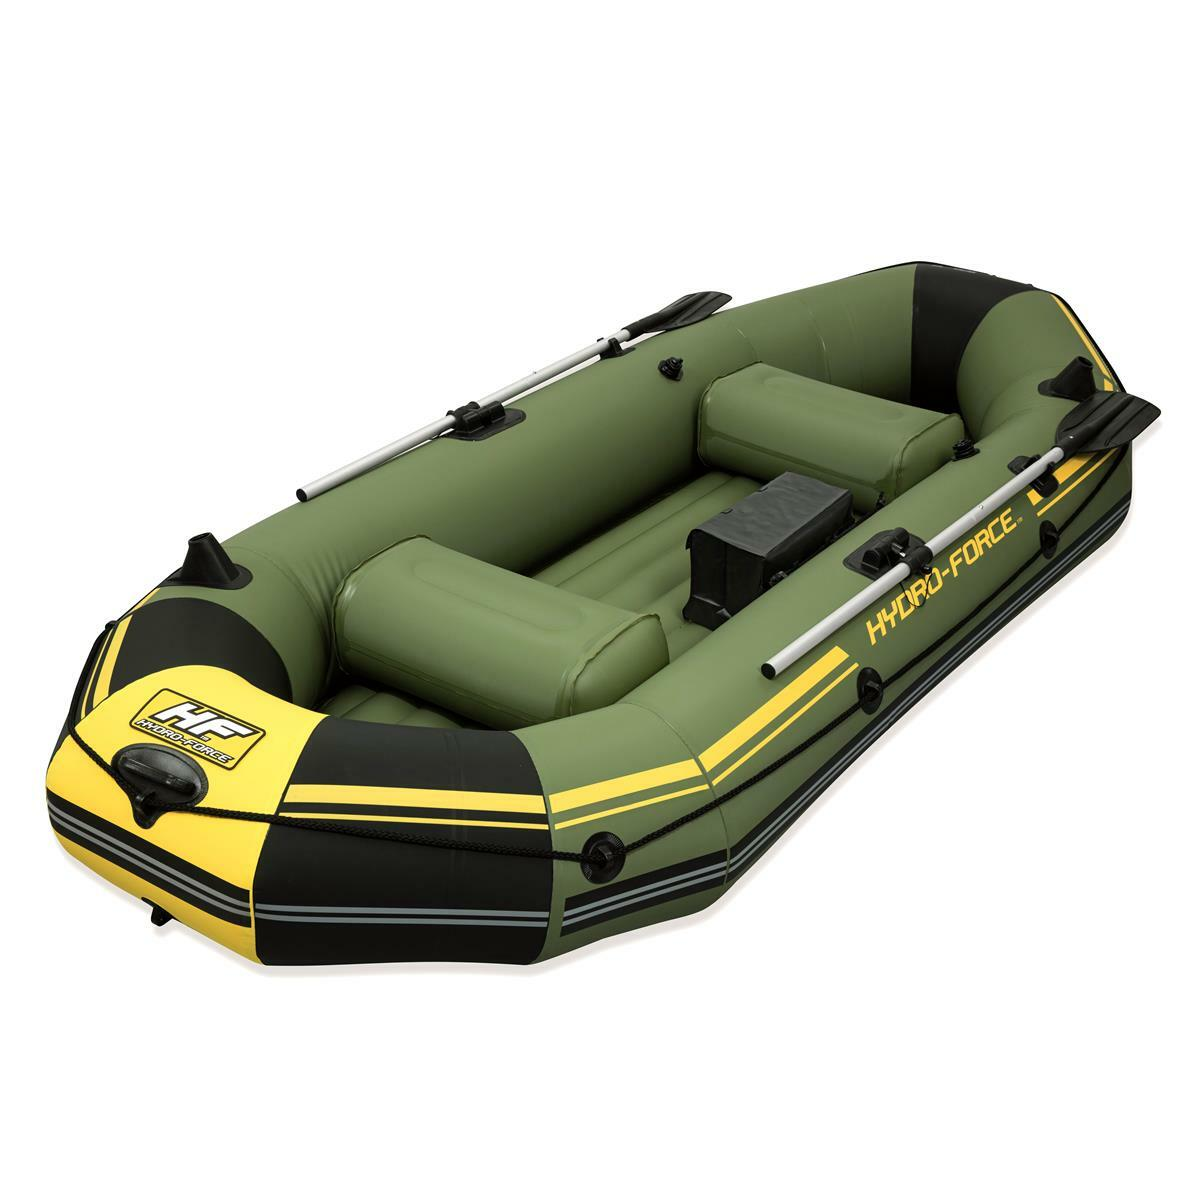 Bild 1 von Bestway Hydro-Force Sportboot Marine Pro für 2 Erwachsene + 1 Kind 291 x 127 x 46 cm